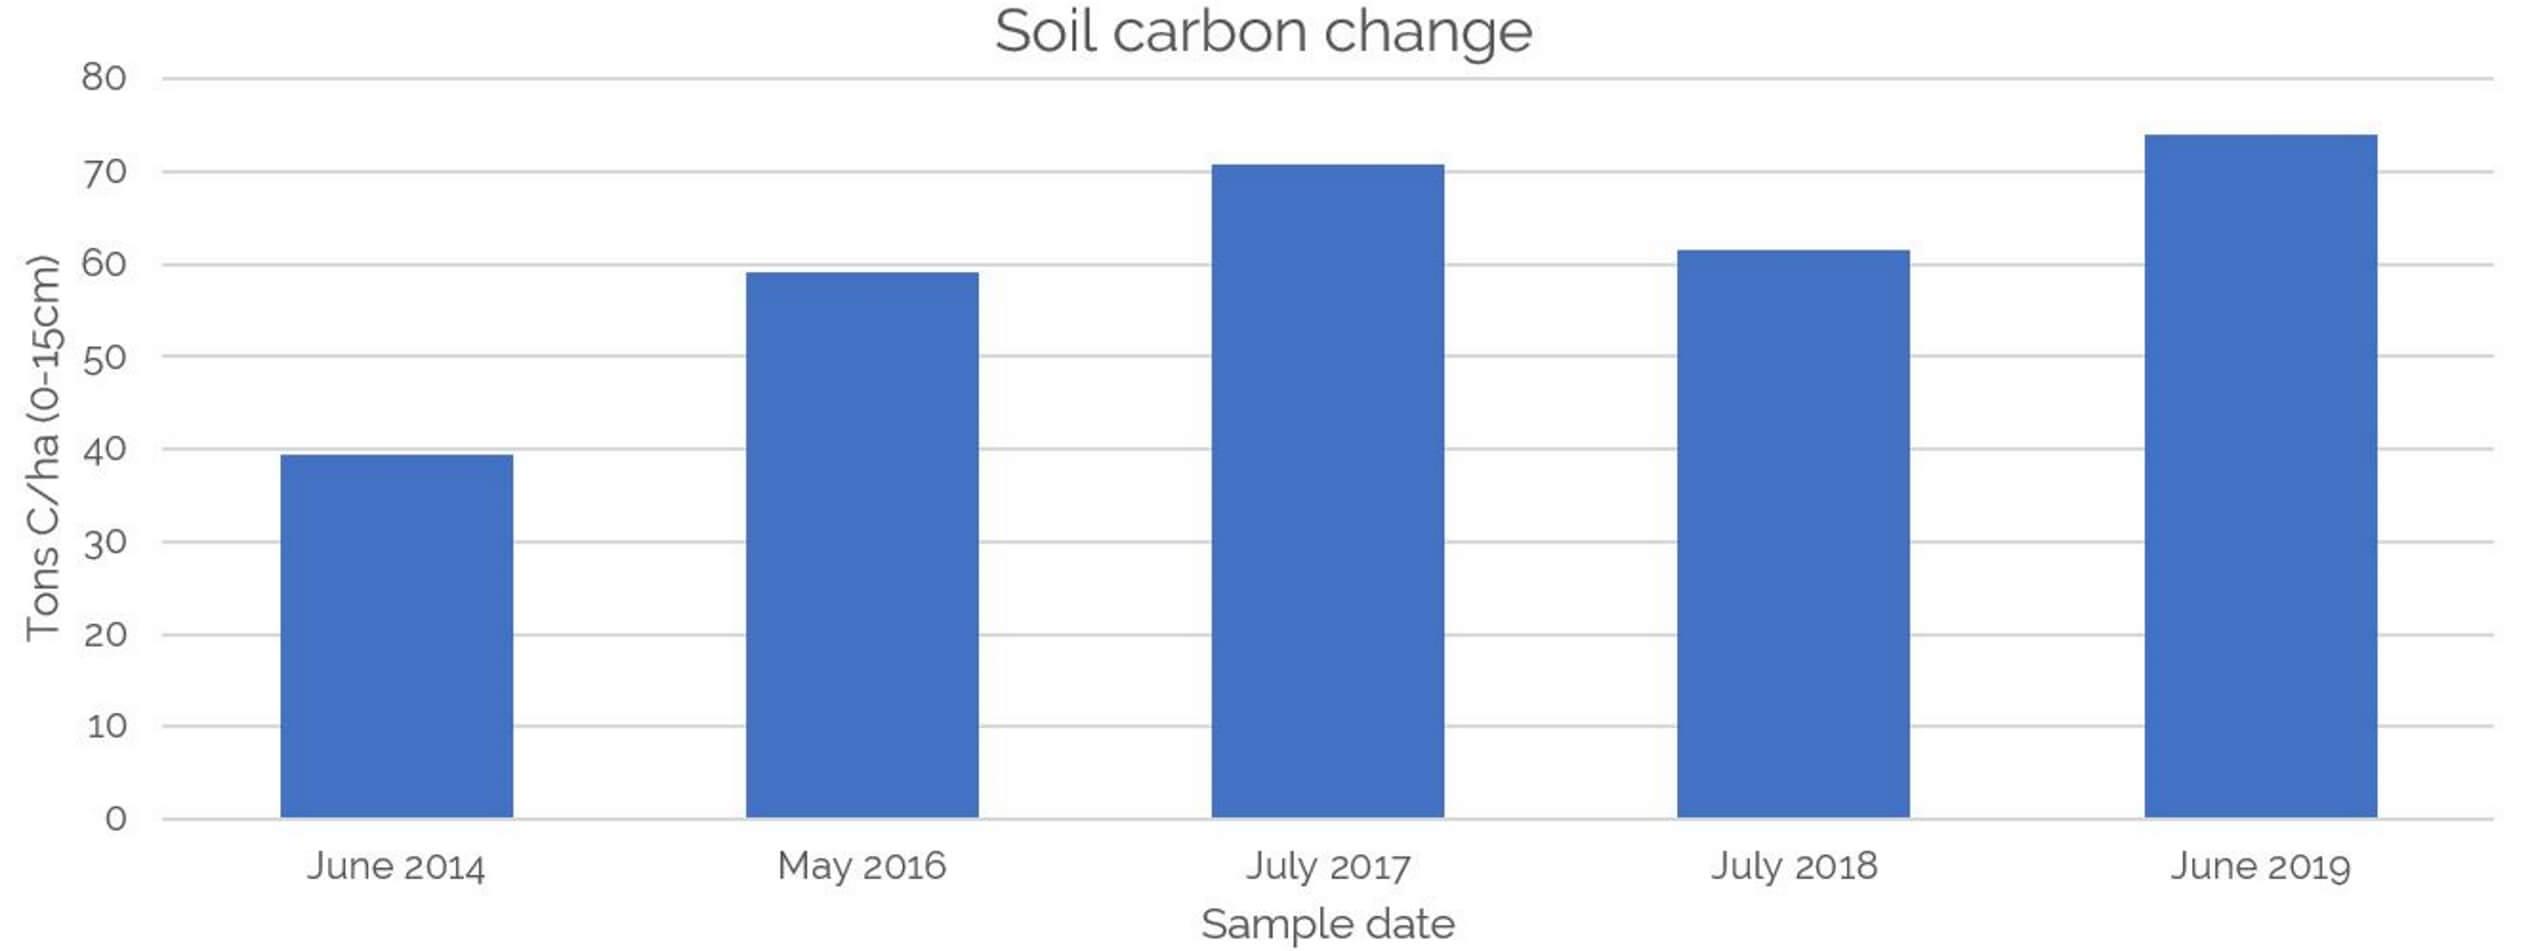 Soil carbon change 2014-2019 graph